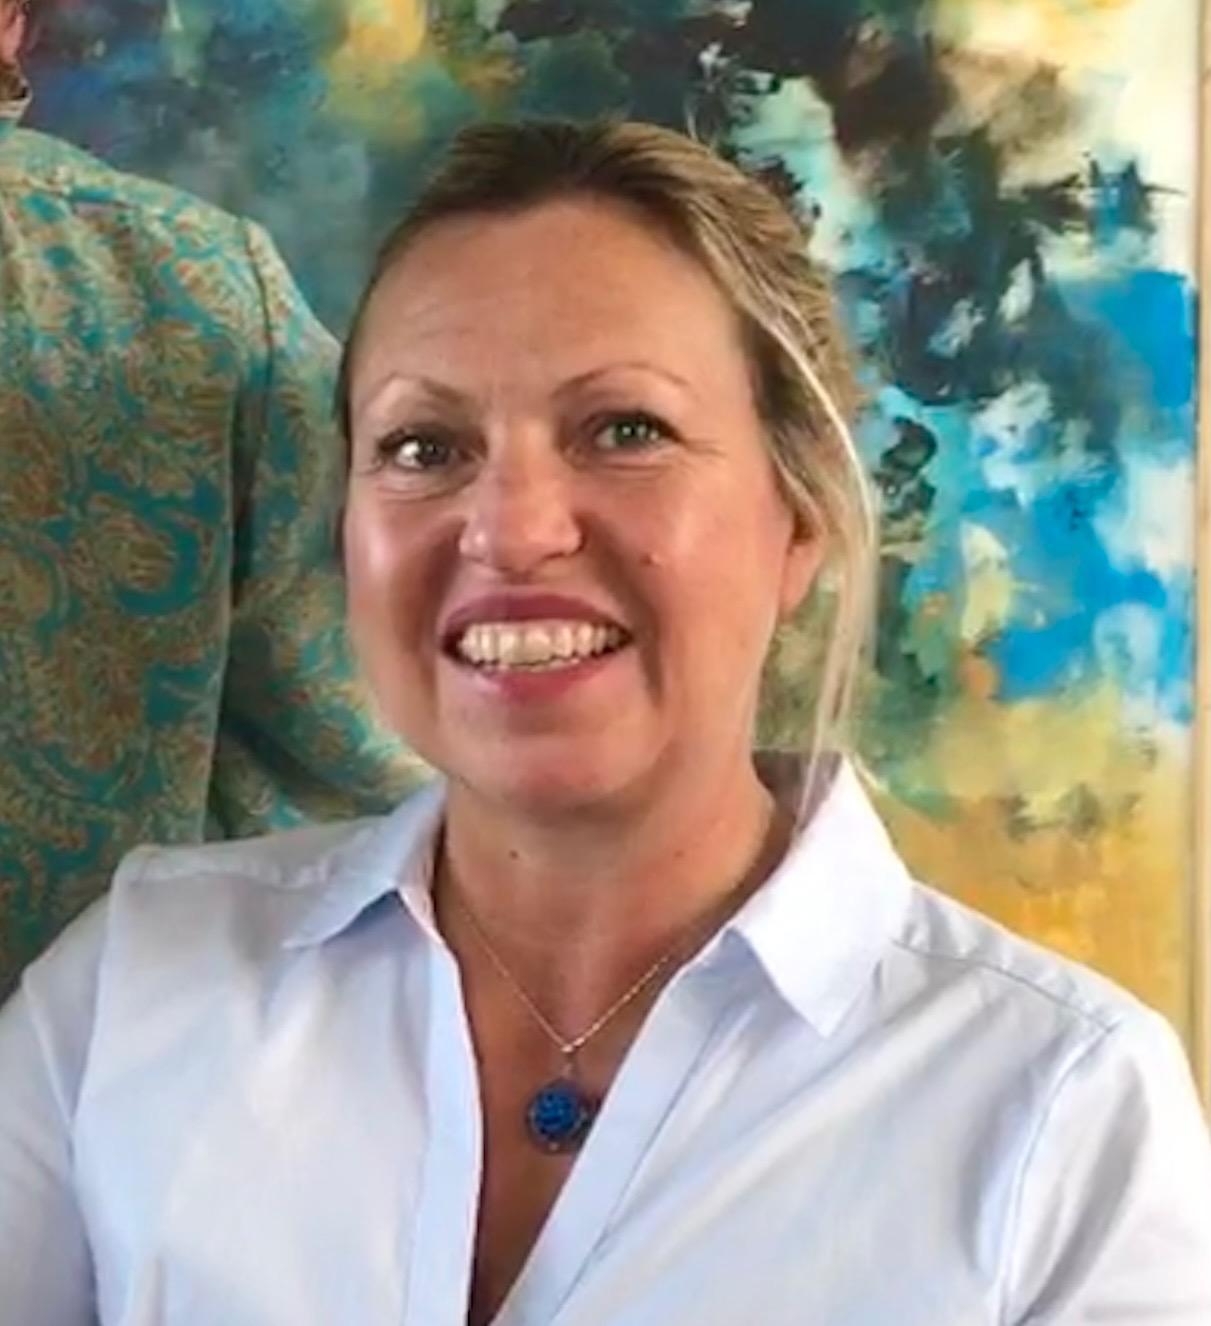 Lena Särnfors